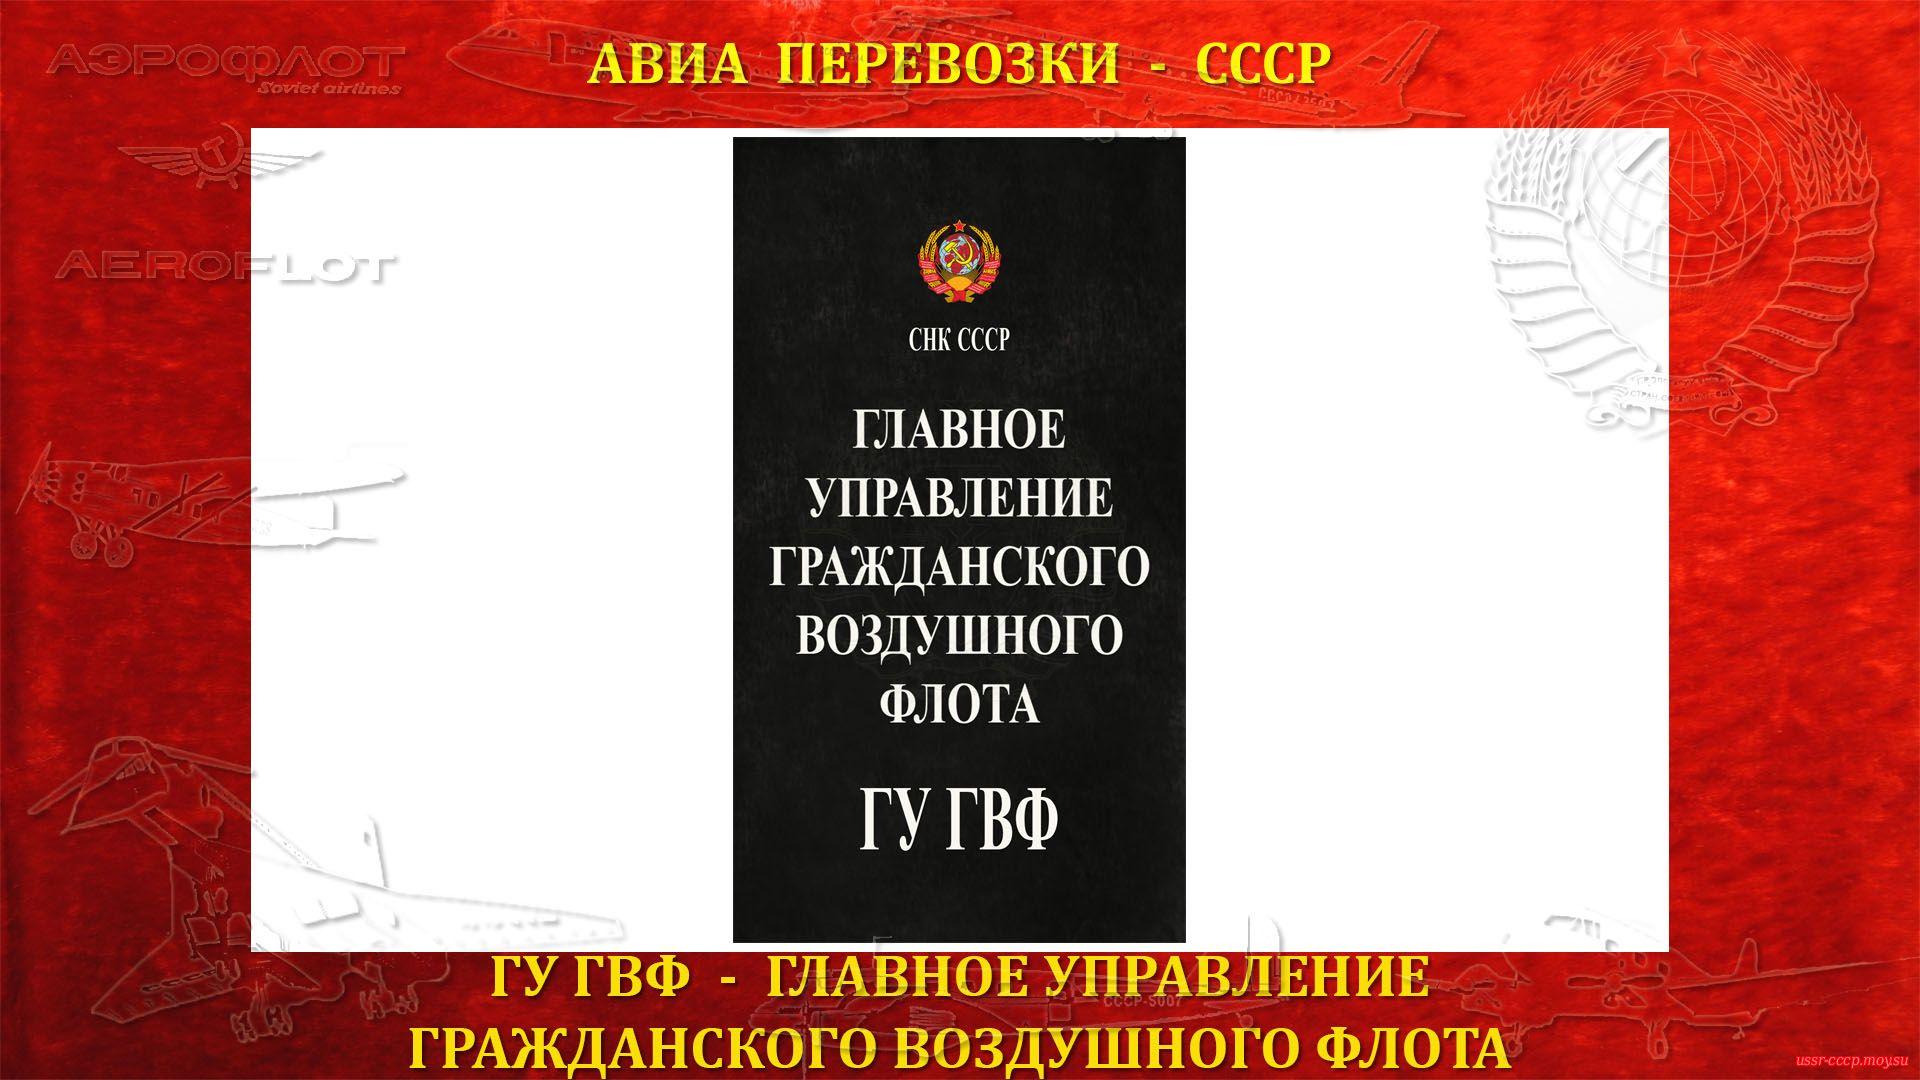 Главное управление гражданского воздушного флота — ГУ ГВФ (25.02.1932)